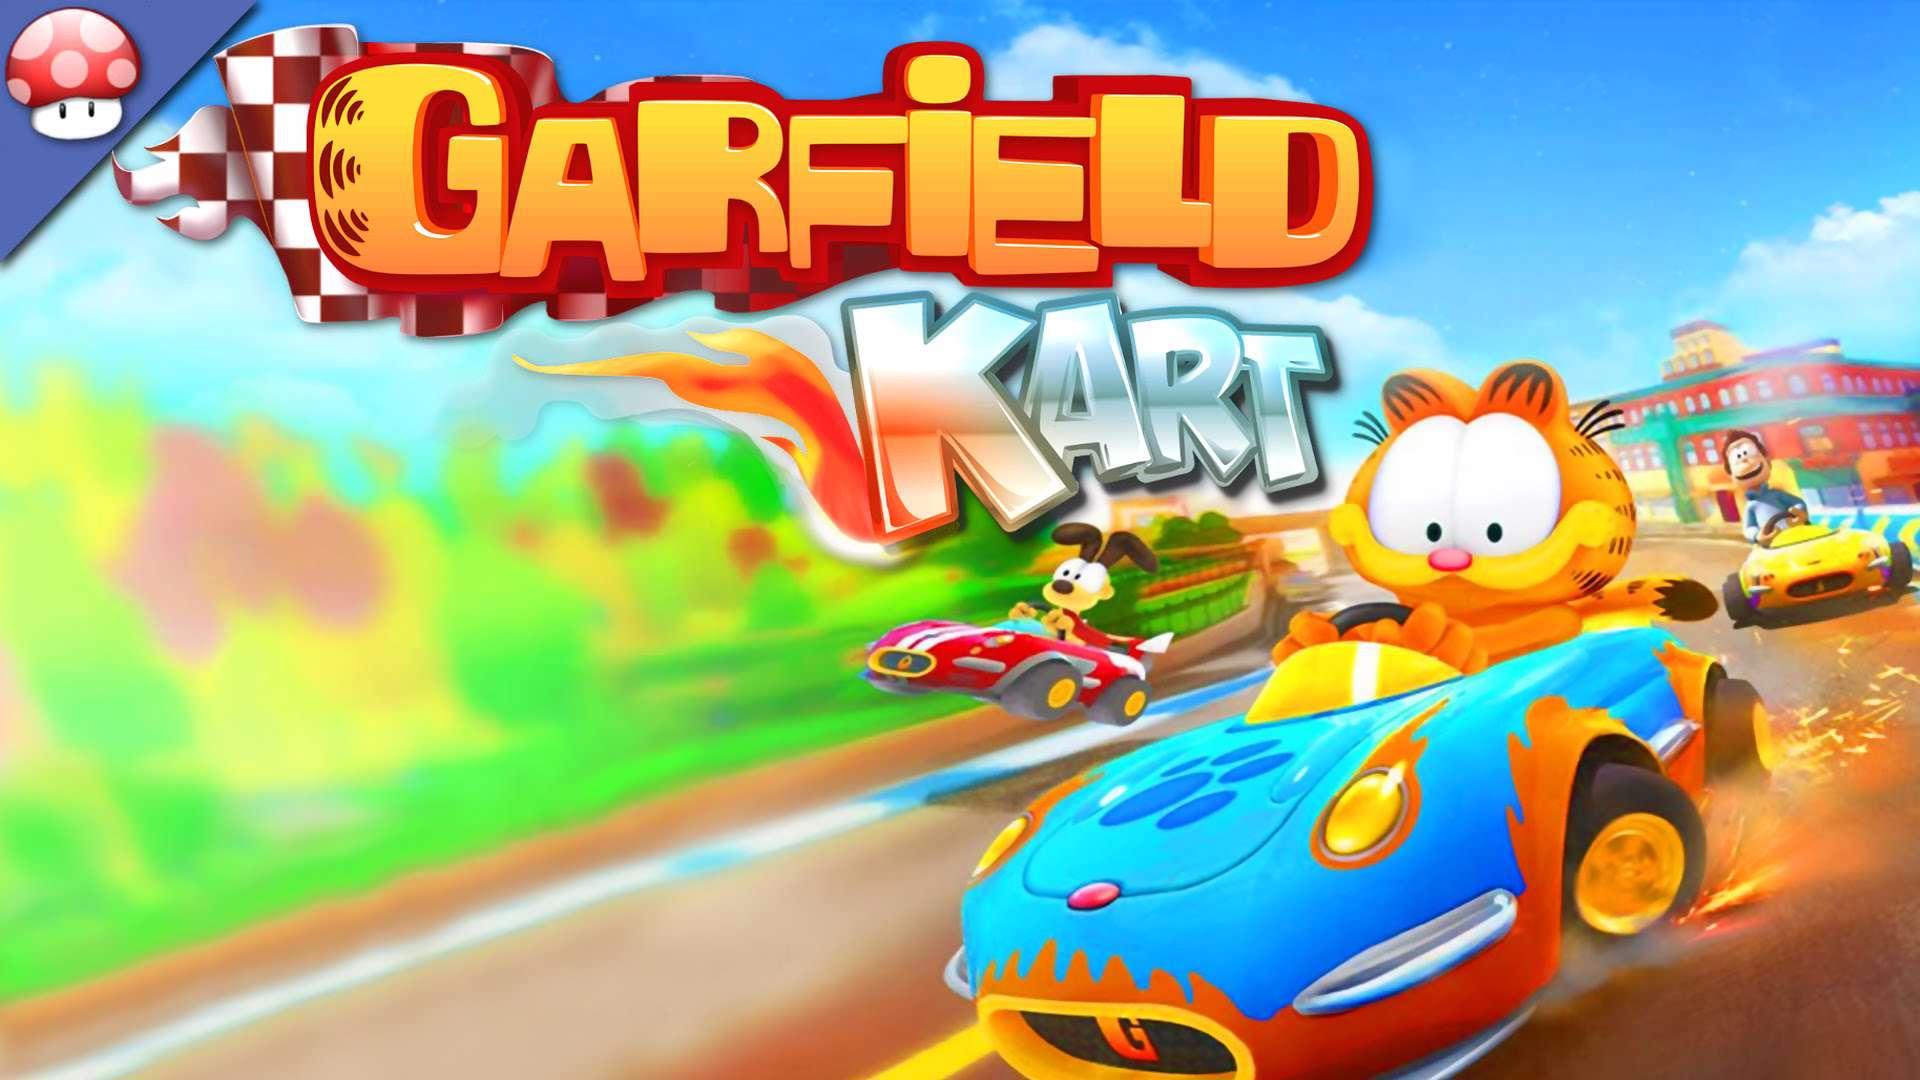 دانلود بازی رالی جذاب مخصوص کودکان Garfield Kart برای رایانه